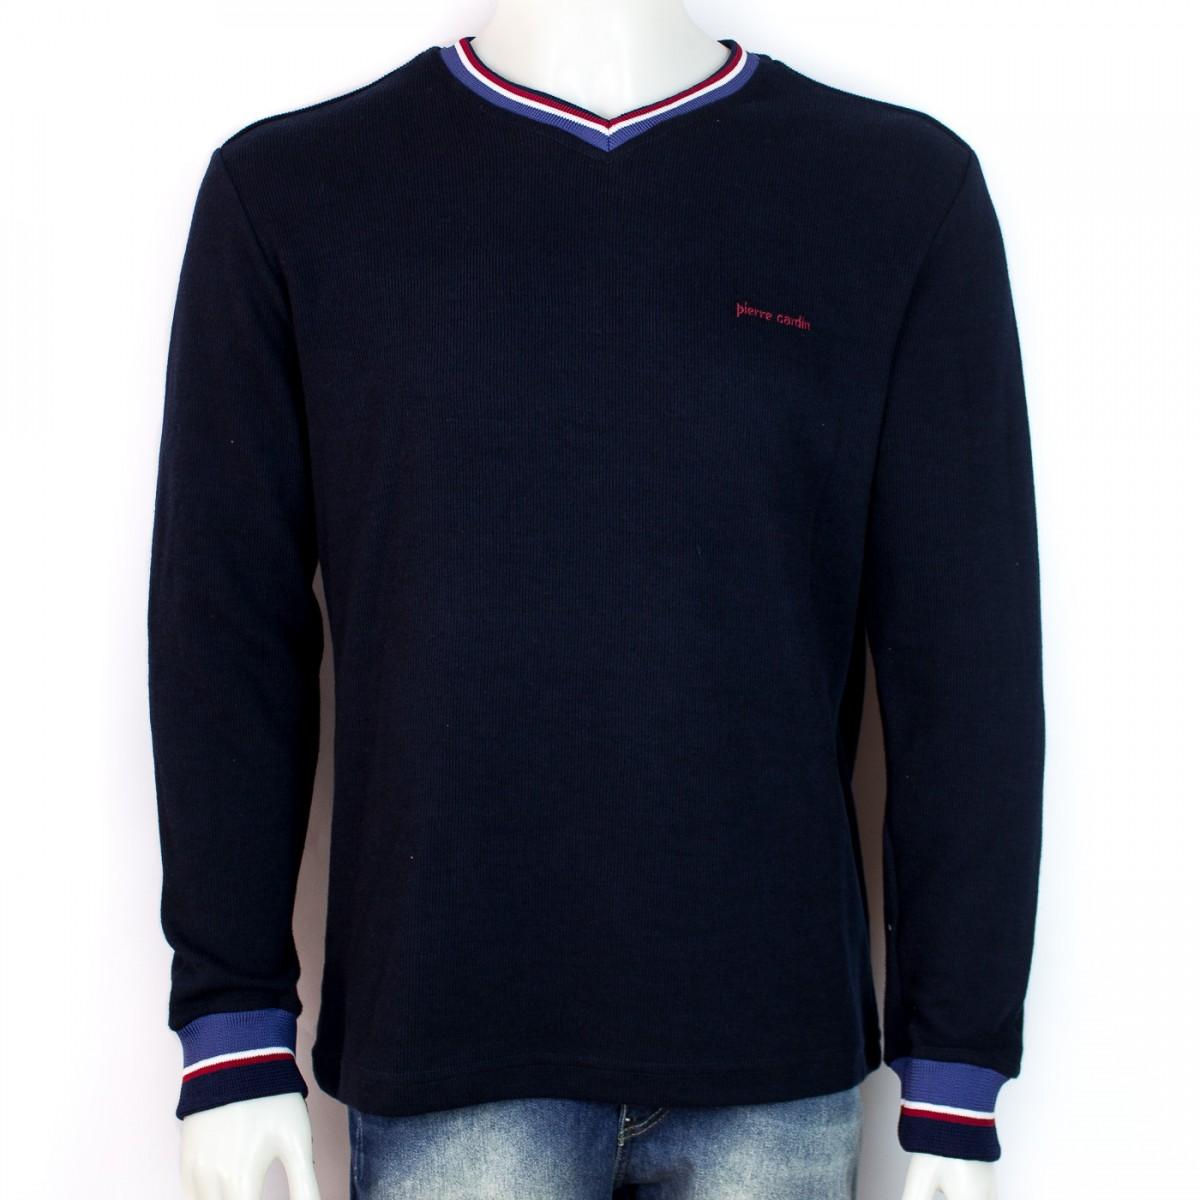 a82bb19507 Bizz Store - Blusa Masculina Pierre Cardin Gola V Tricot Slim